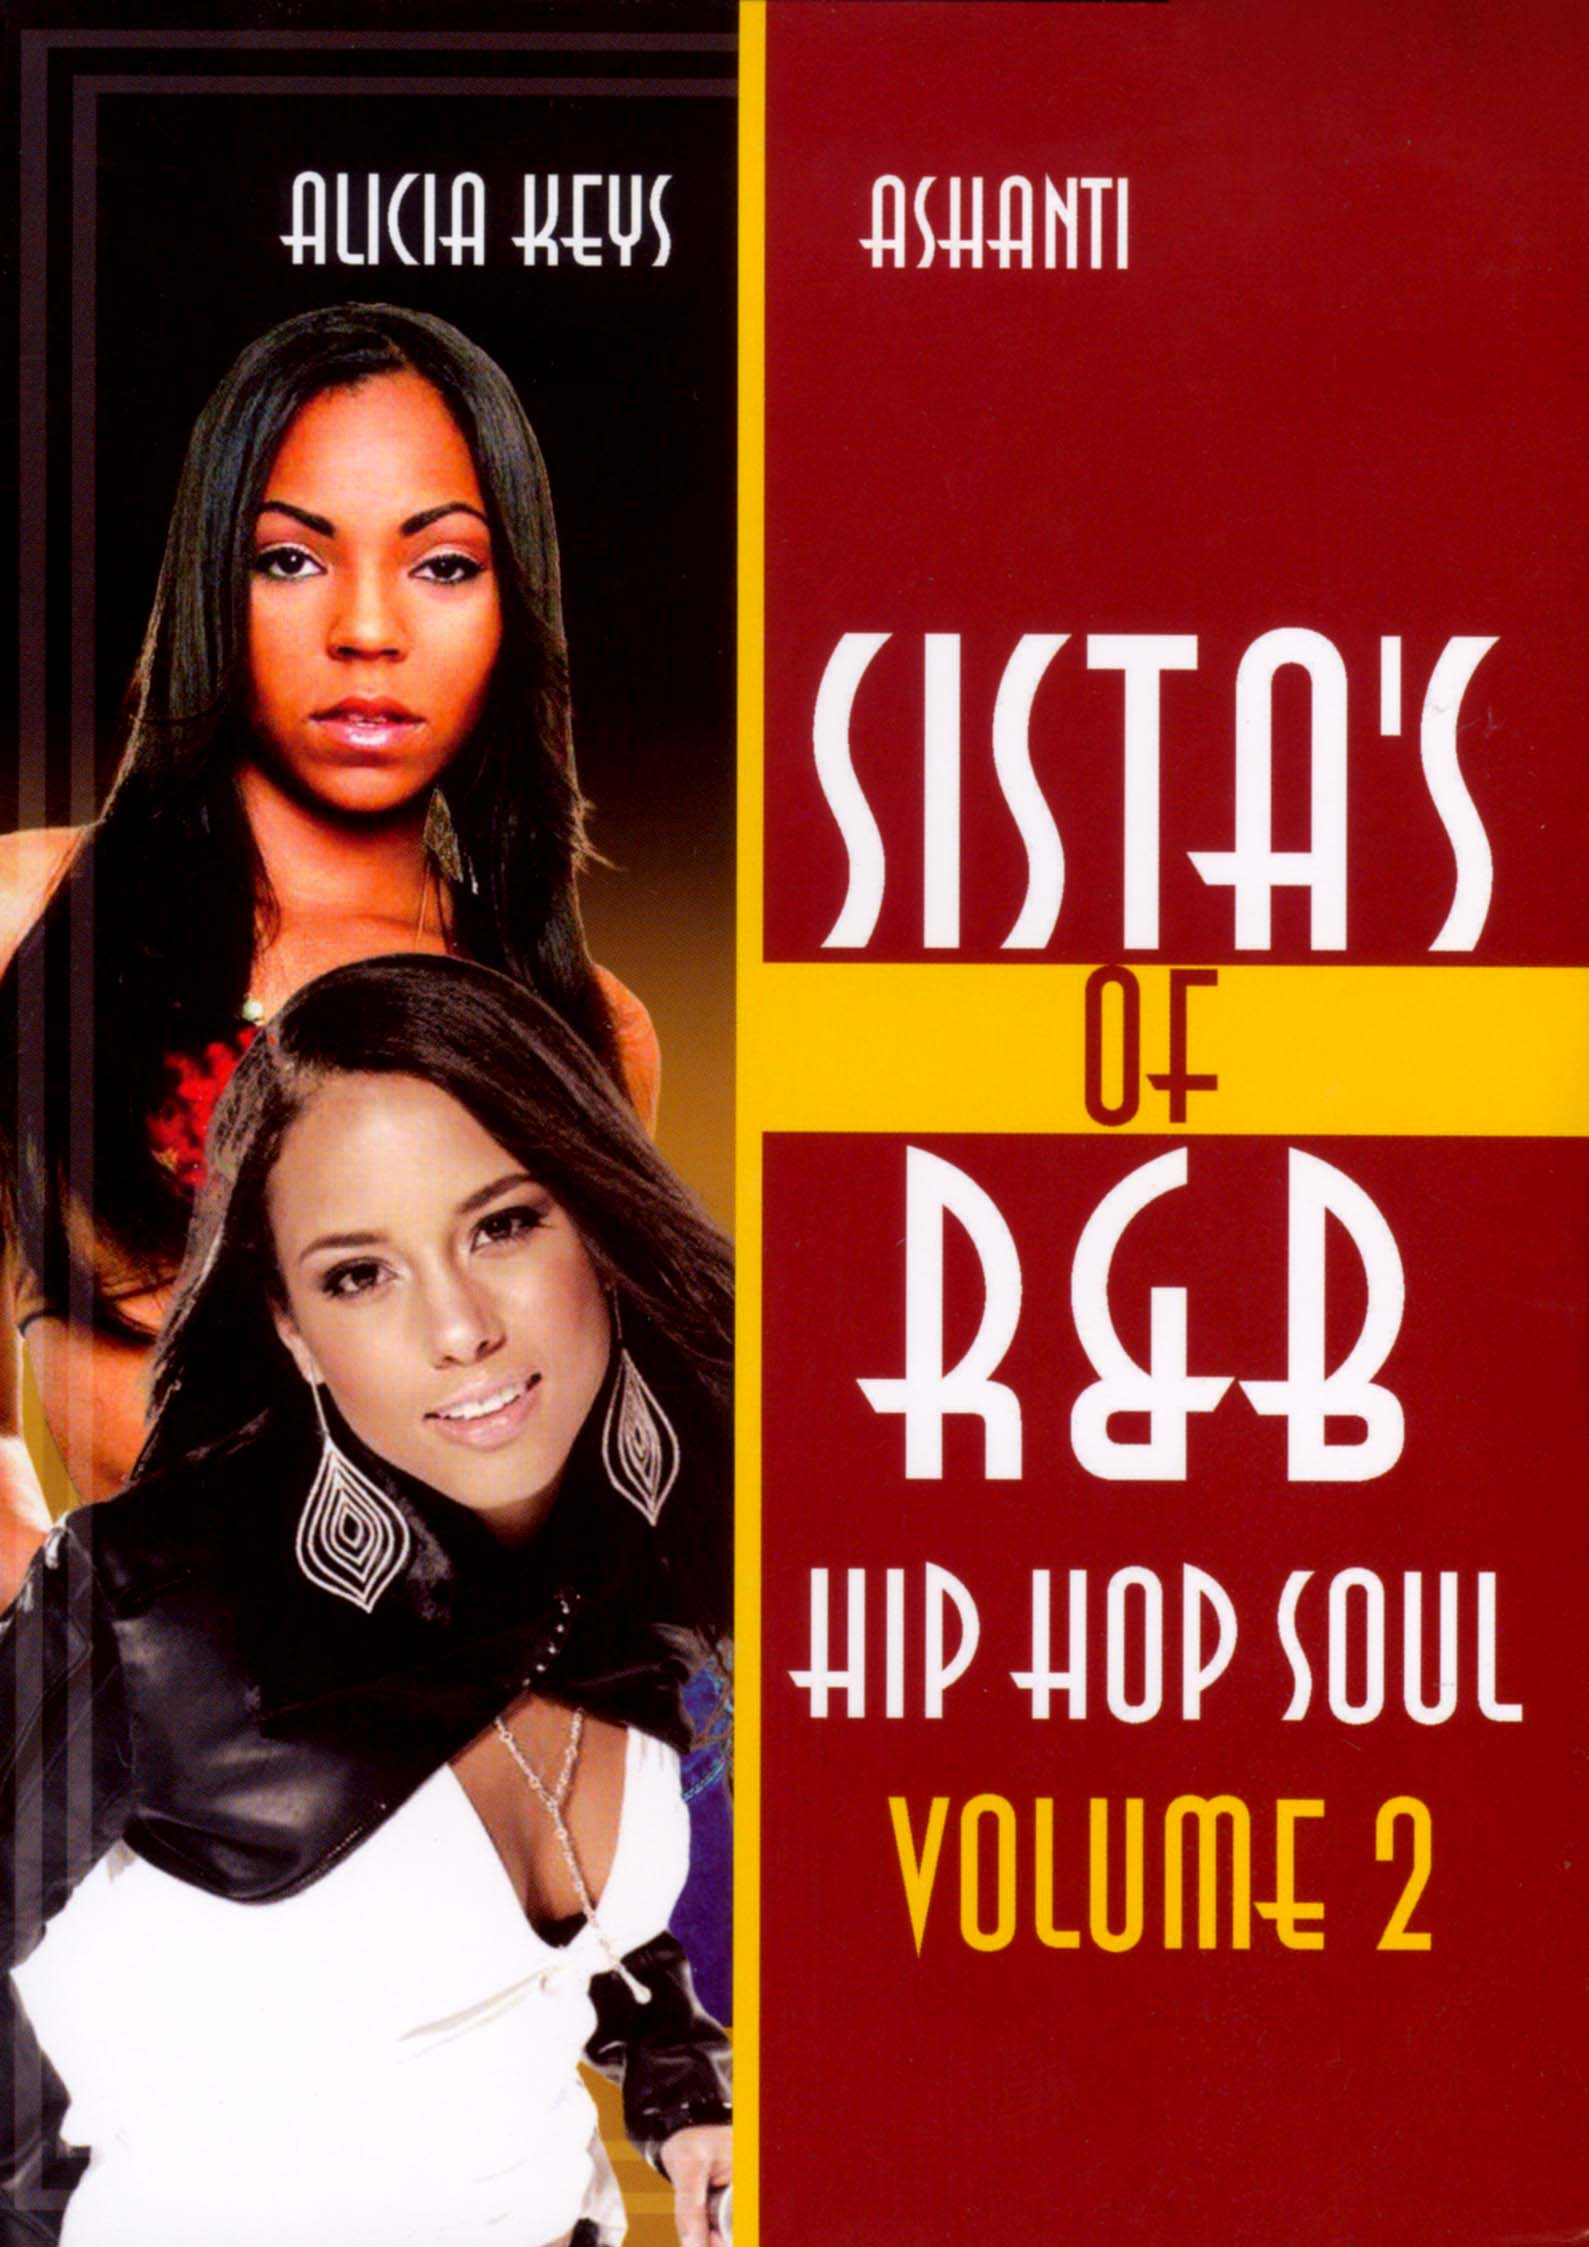 Sista's of R&B: Hip Hop Soul, Vol. 2 (2011)